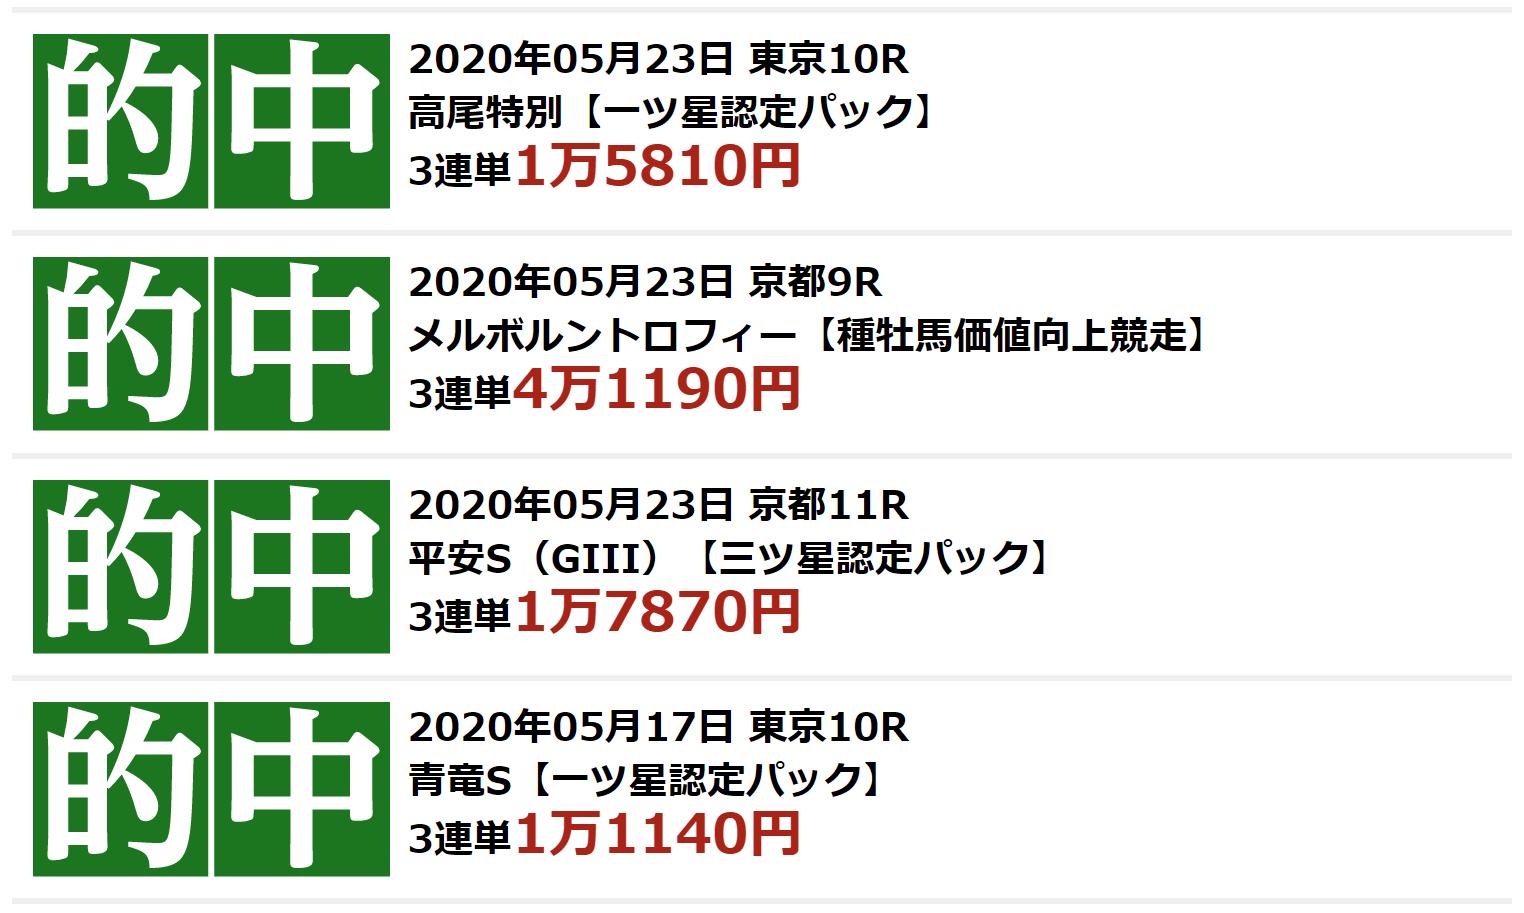 3競_実績